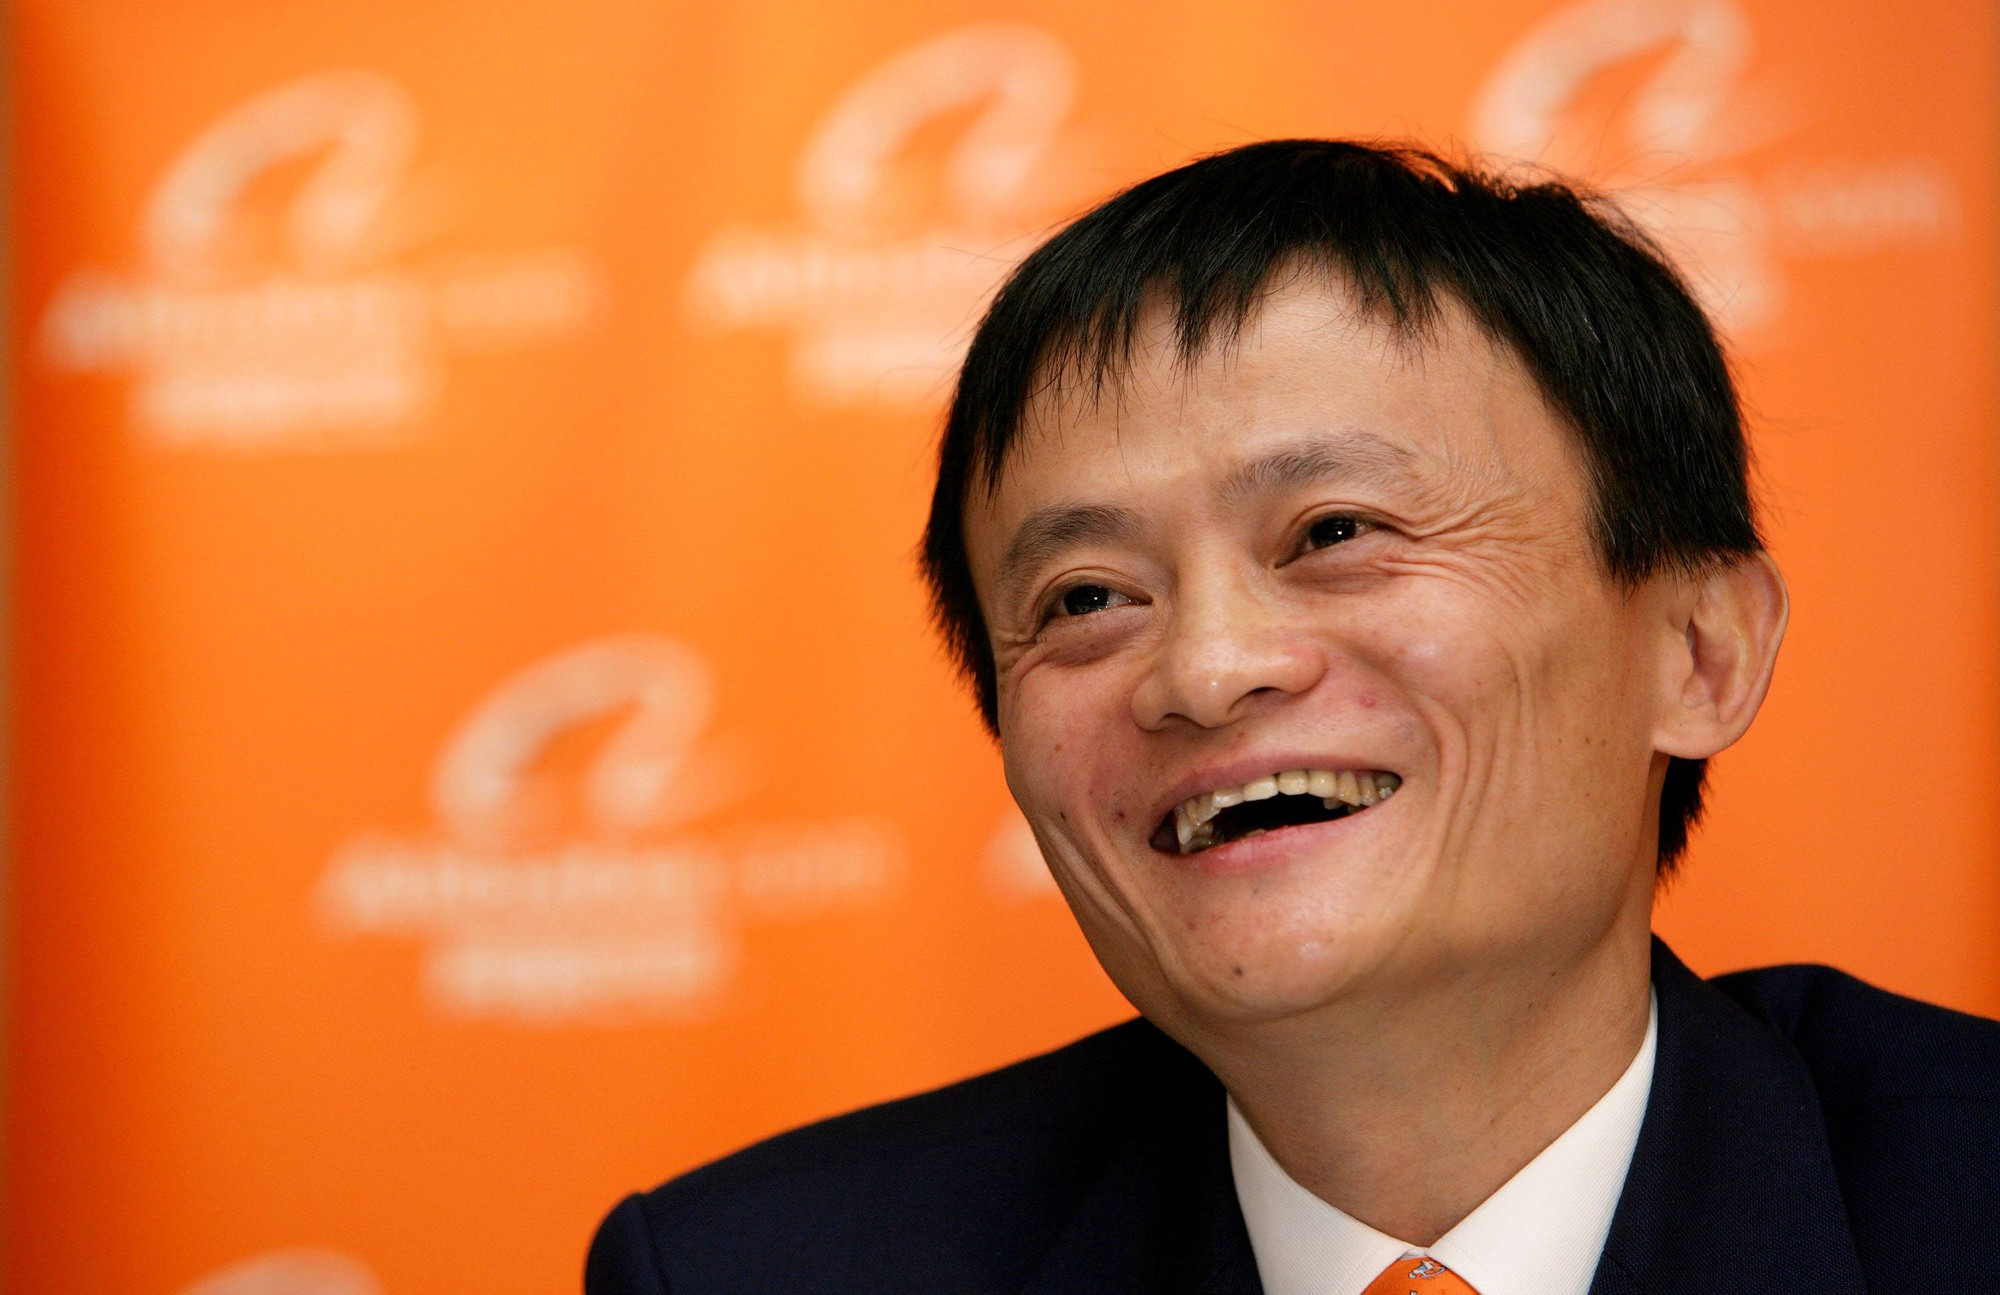 Năm 2016 giới trẻ Việt được Obama truyền cảm hứng, 2017 là Jack Ma vậy 2018 họ muốn gặp ai? - Ảnh 6.